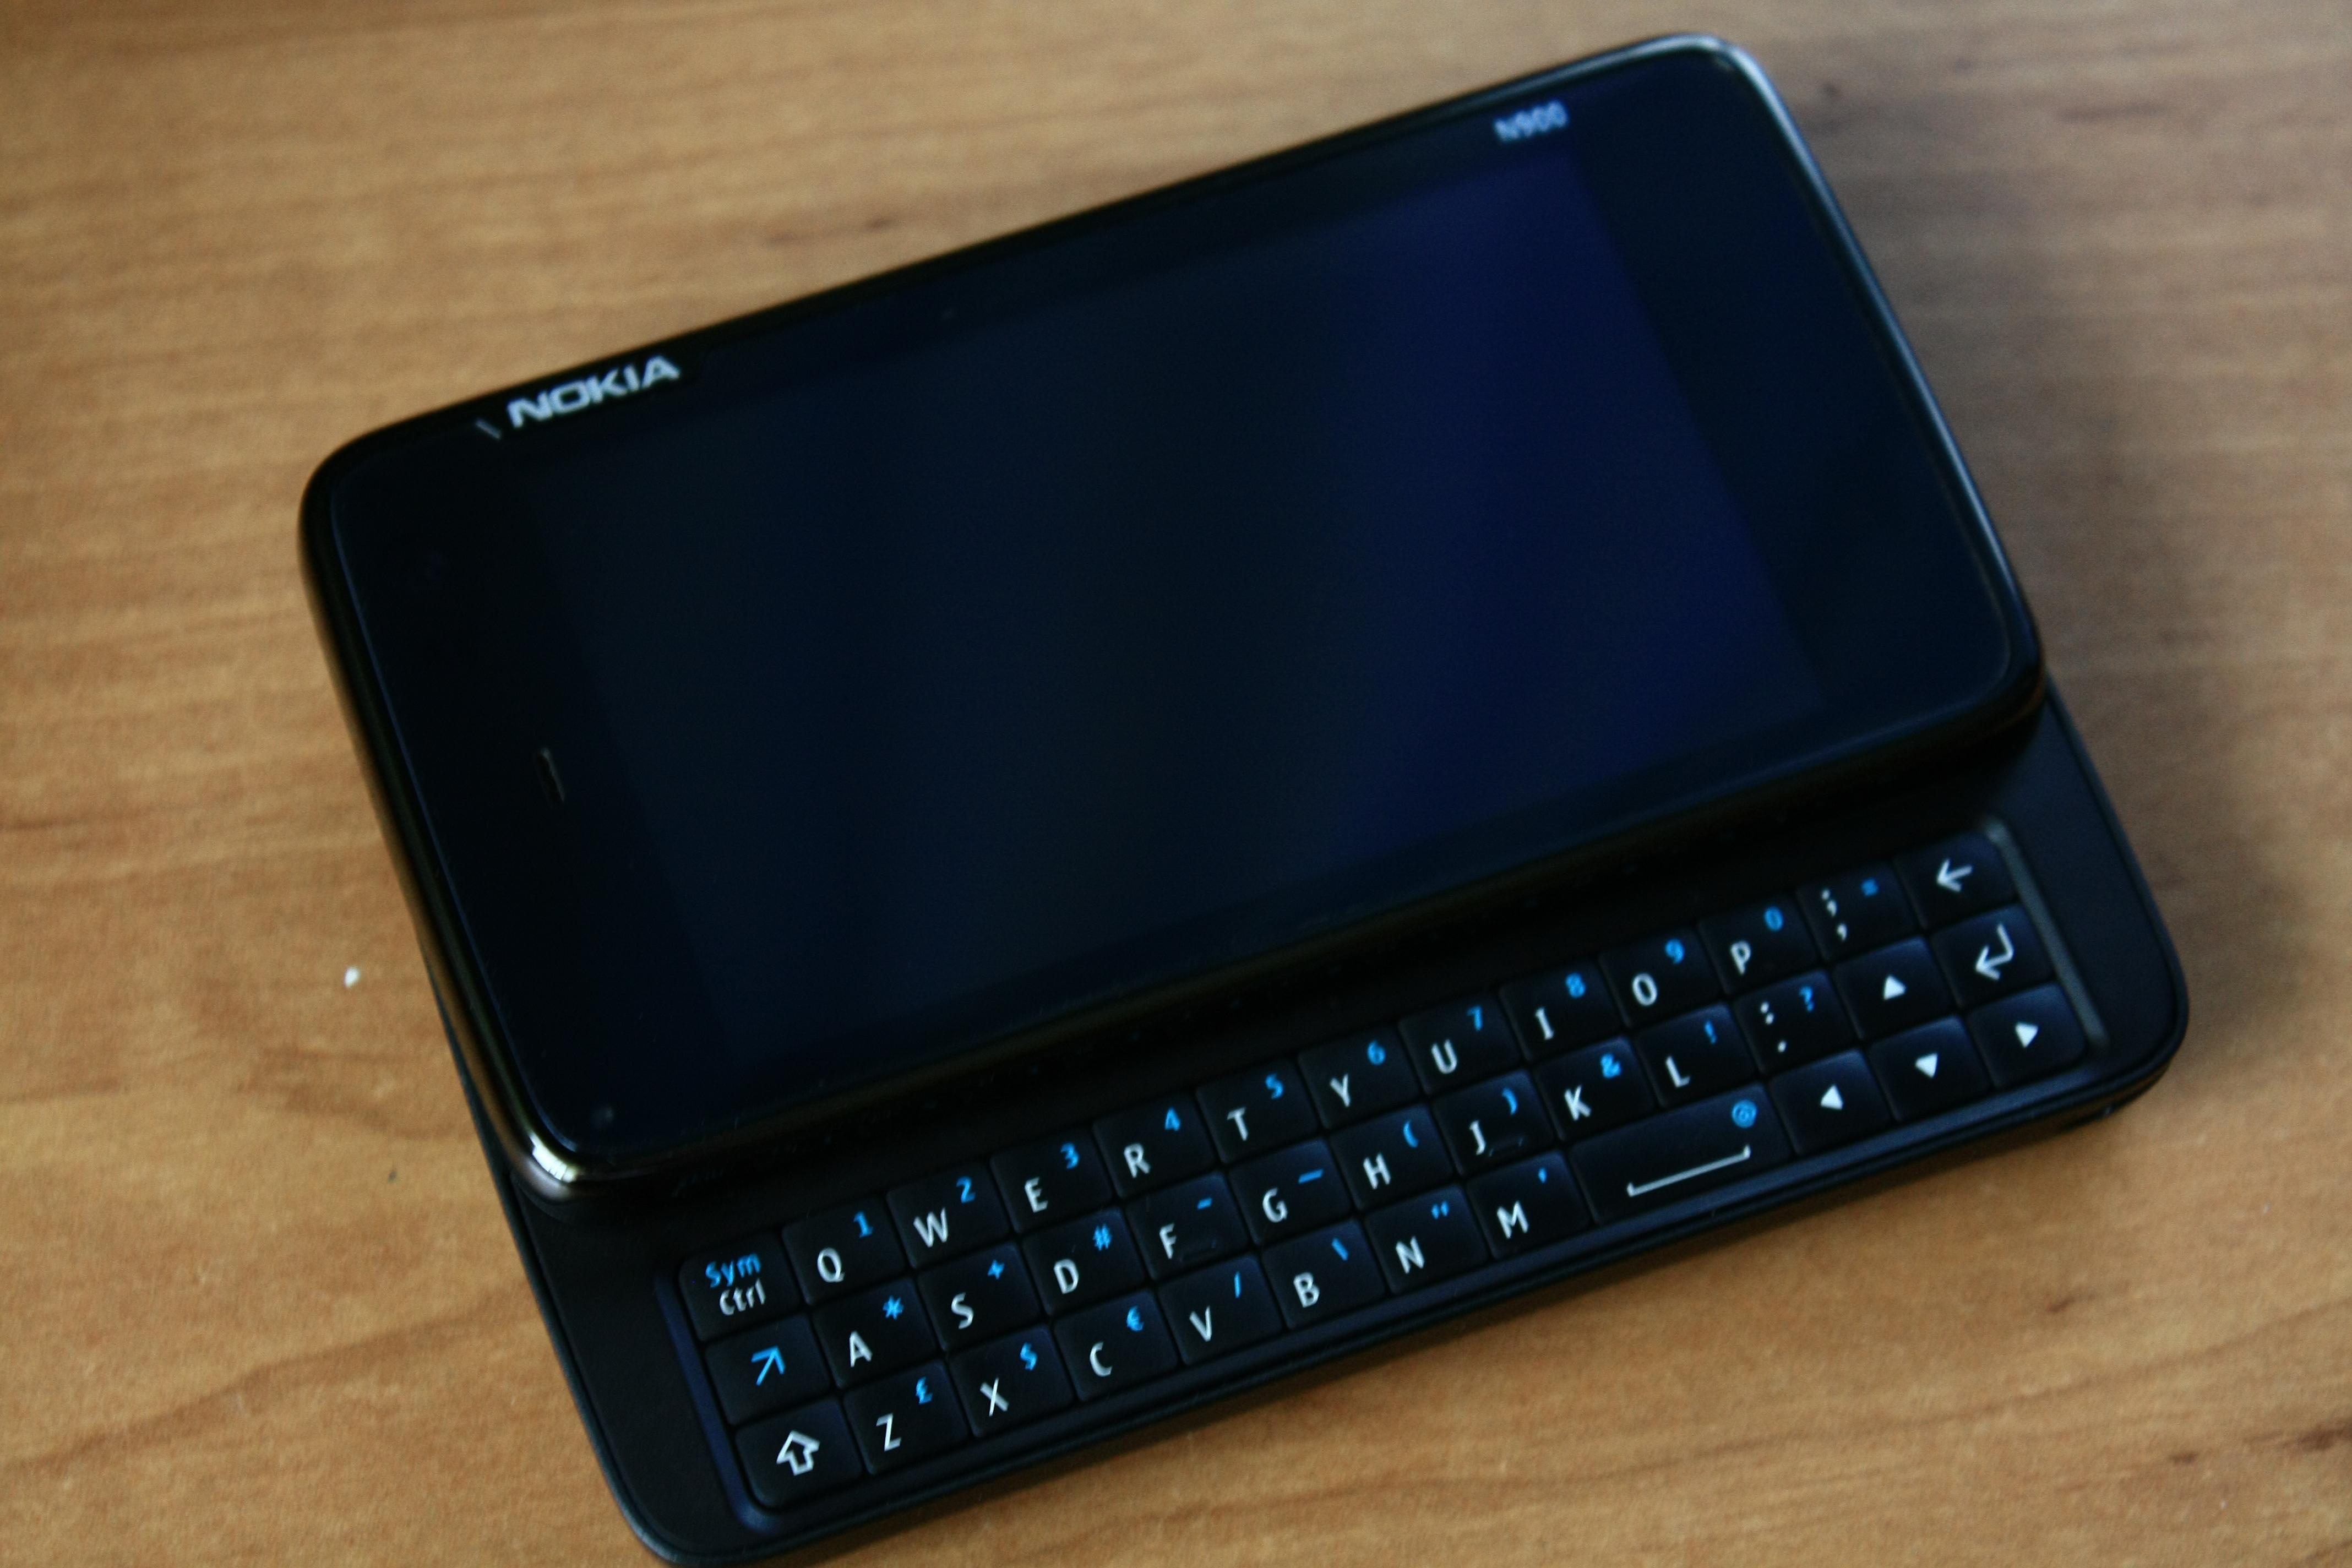 Podłączenie telefonu Nokia 5110